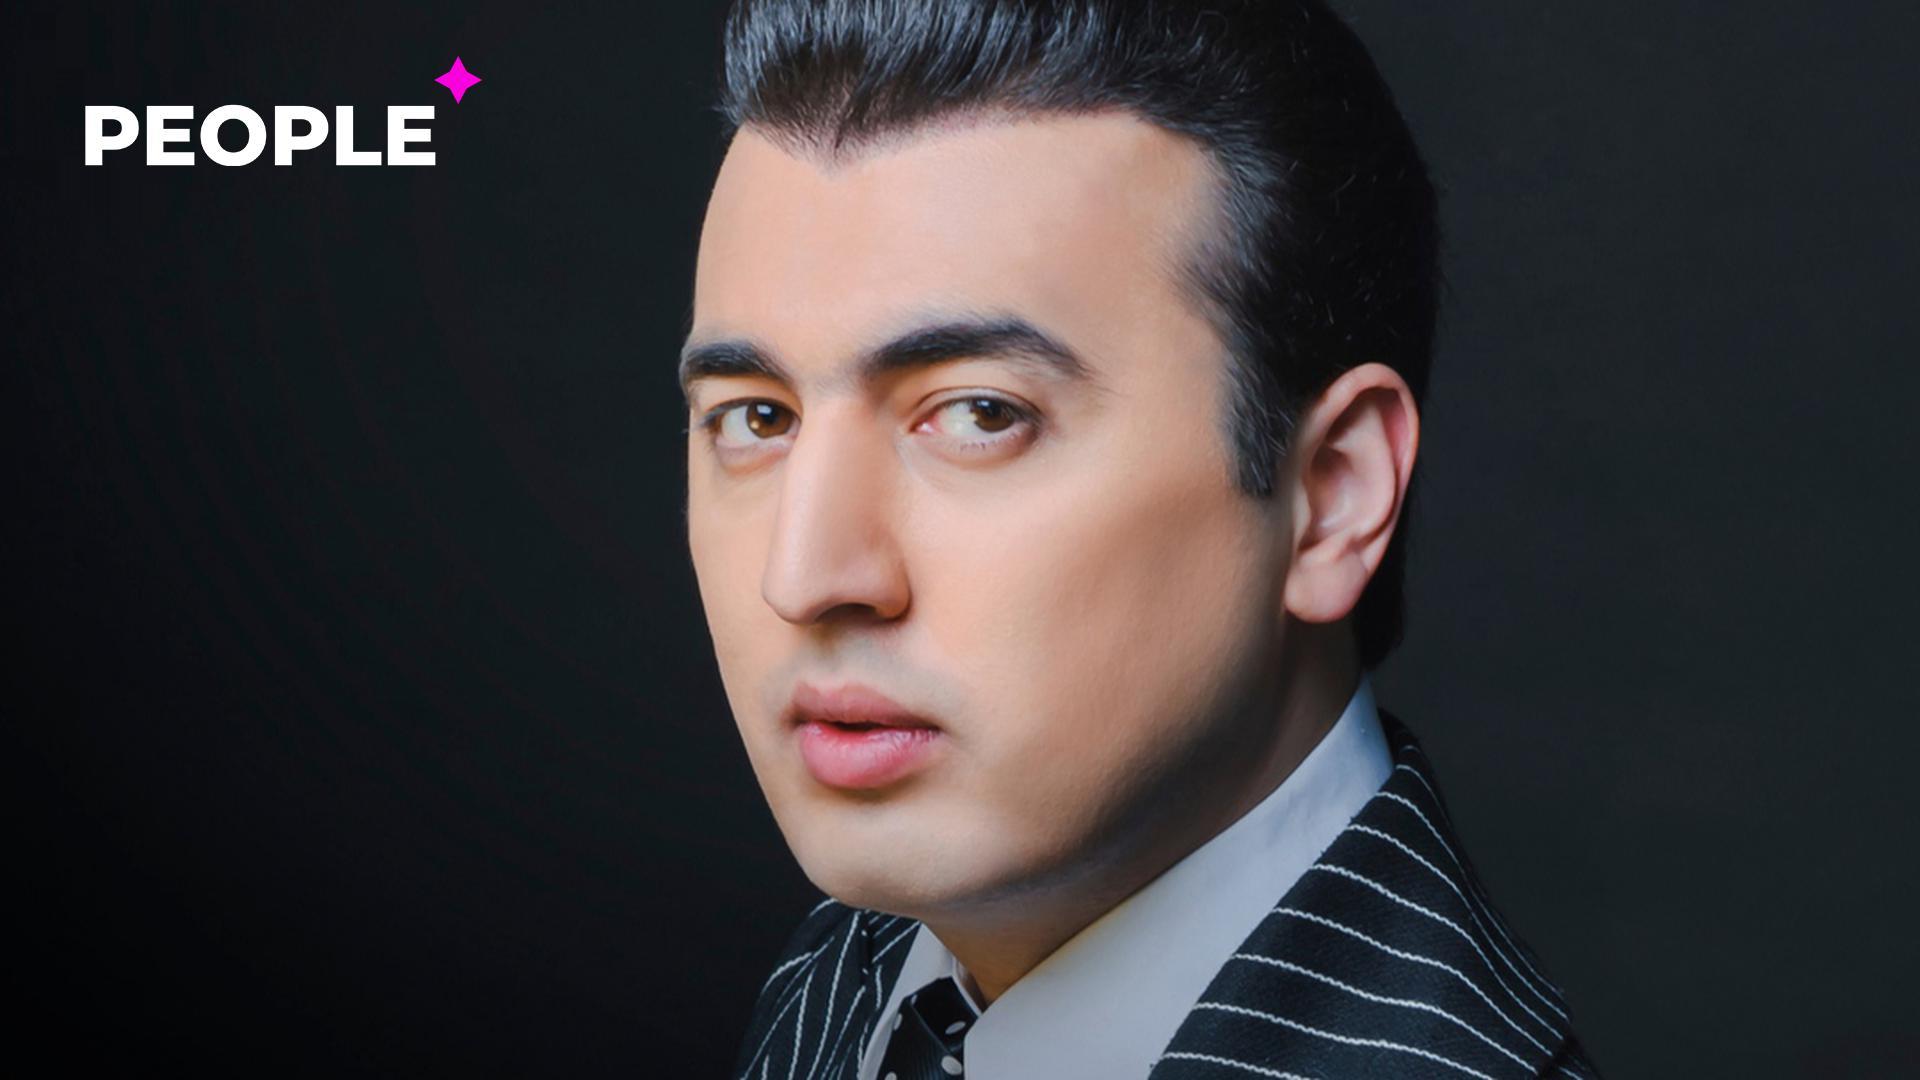 «Искусство — это не женское!»: певец Шохджахон Джураев жёстко раскритиковал женщин-артистов